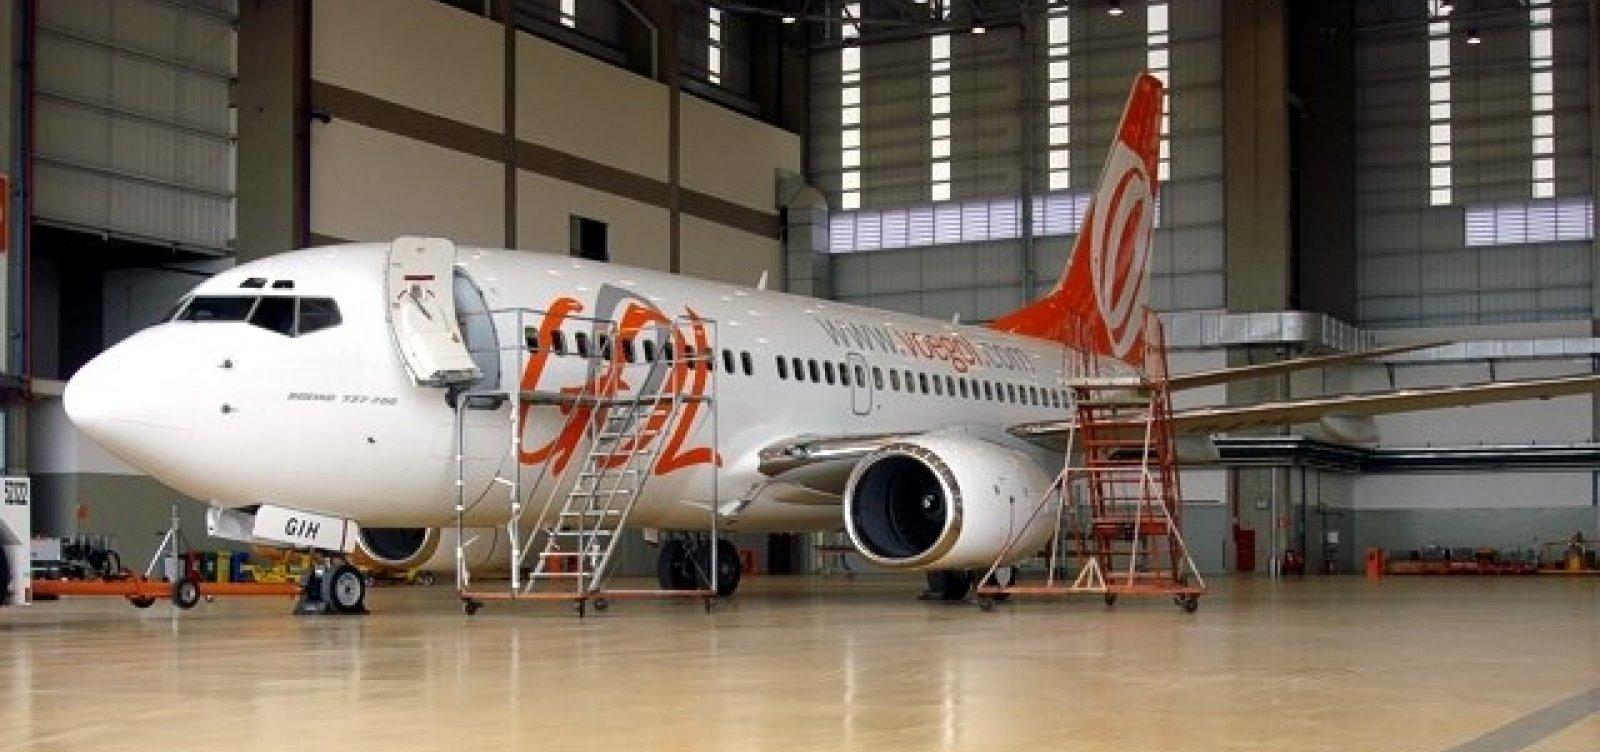 Associação de empresas aéreas defende 100% de capital estrangeiro no setor